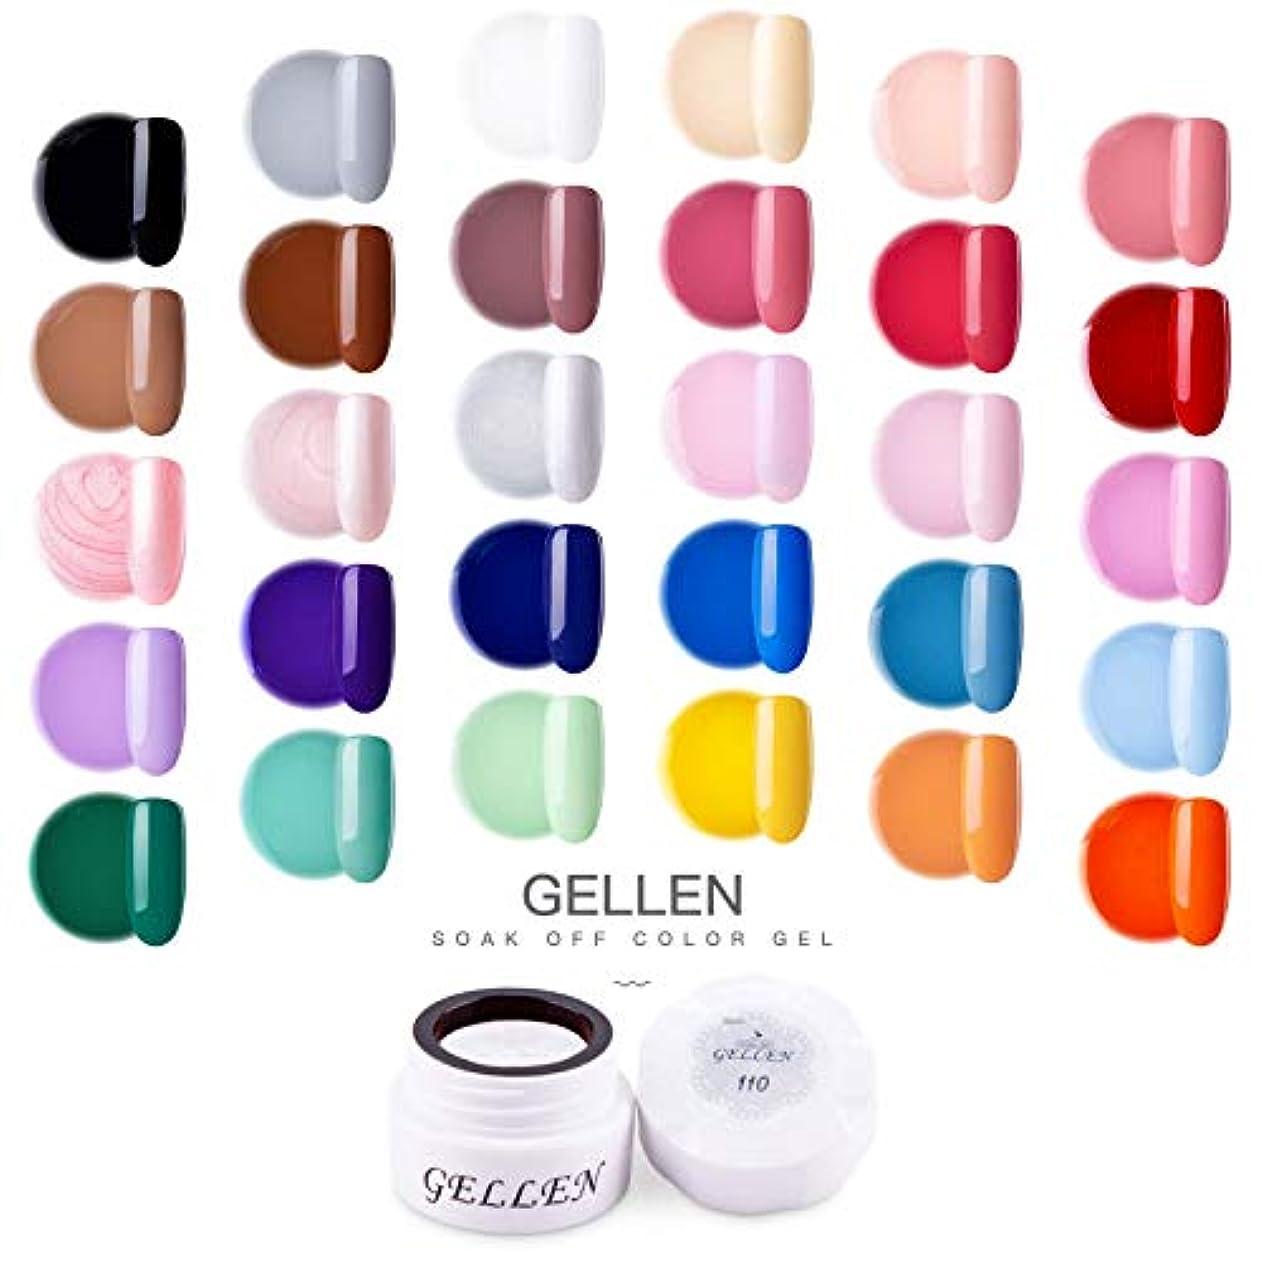 交換従来のマーチャンダイザーGellen カラージェル 30色定番カラー セット 高品質 5g ジェルネイル カラー ネイルブラシ付き